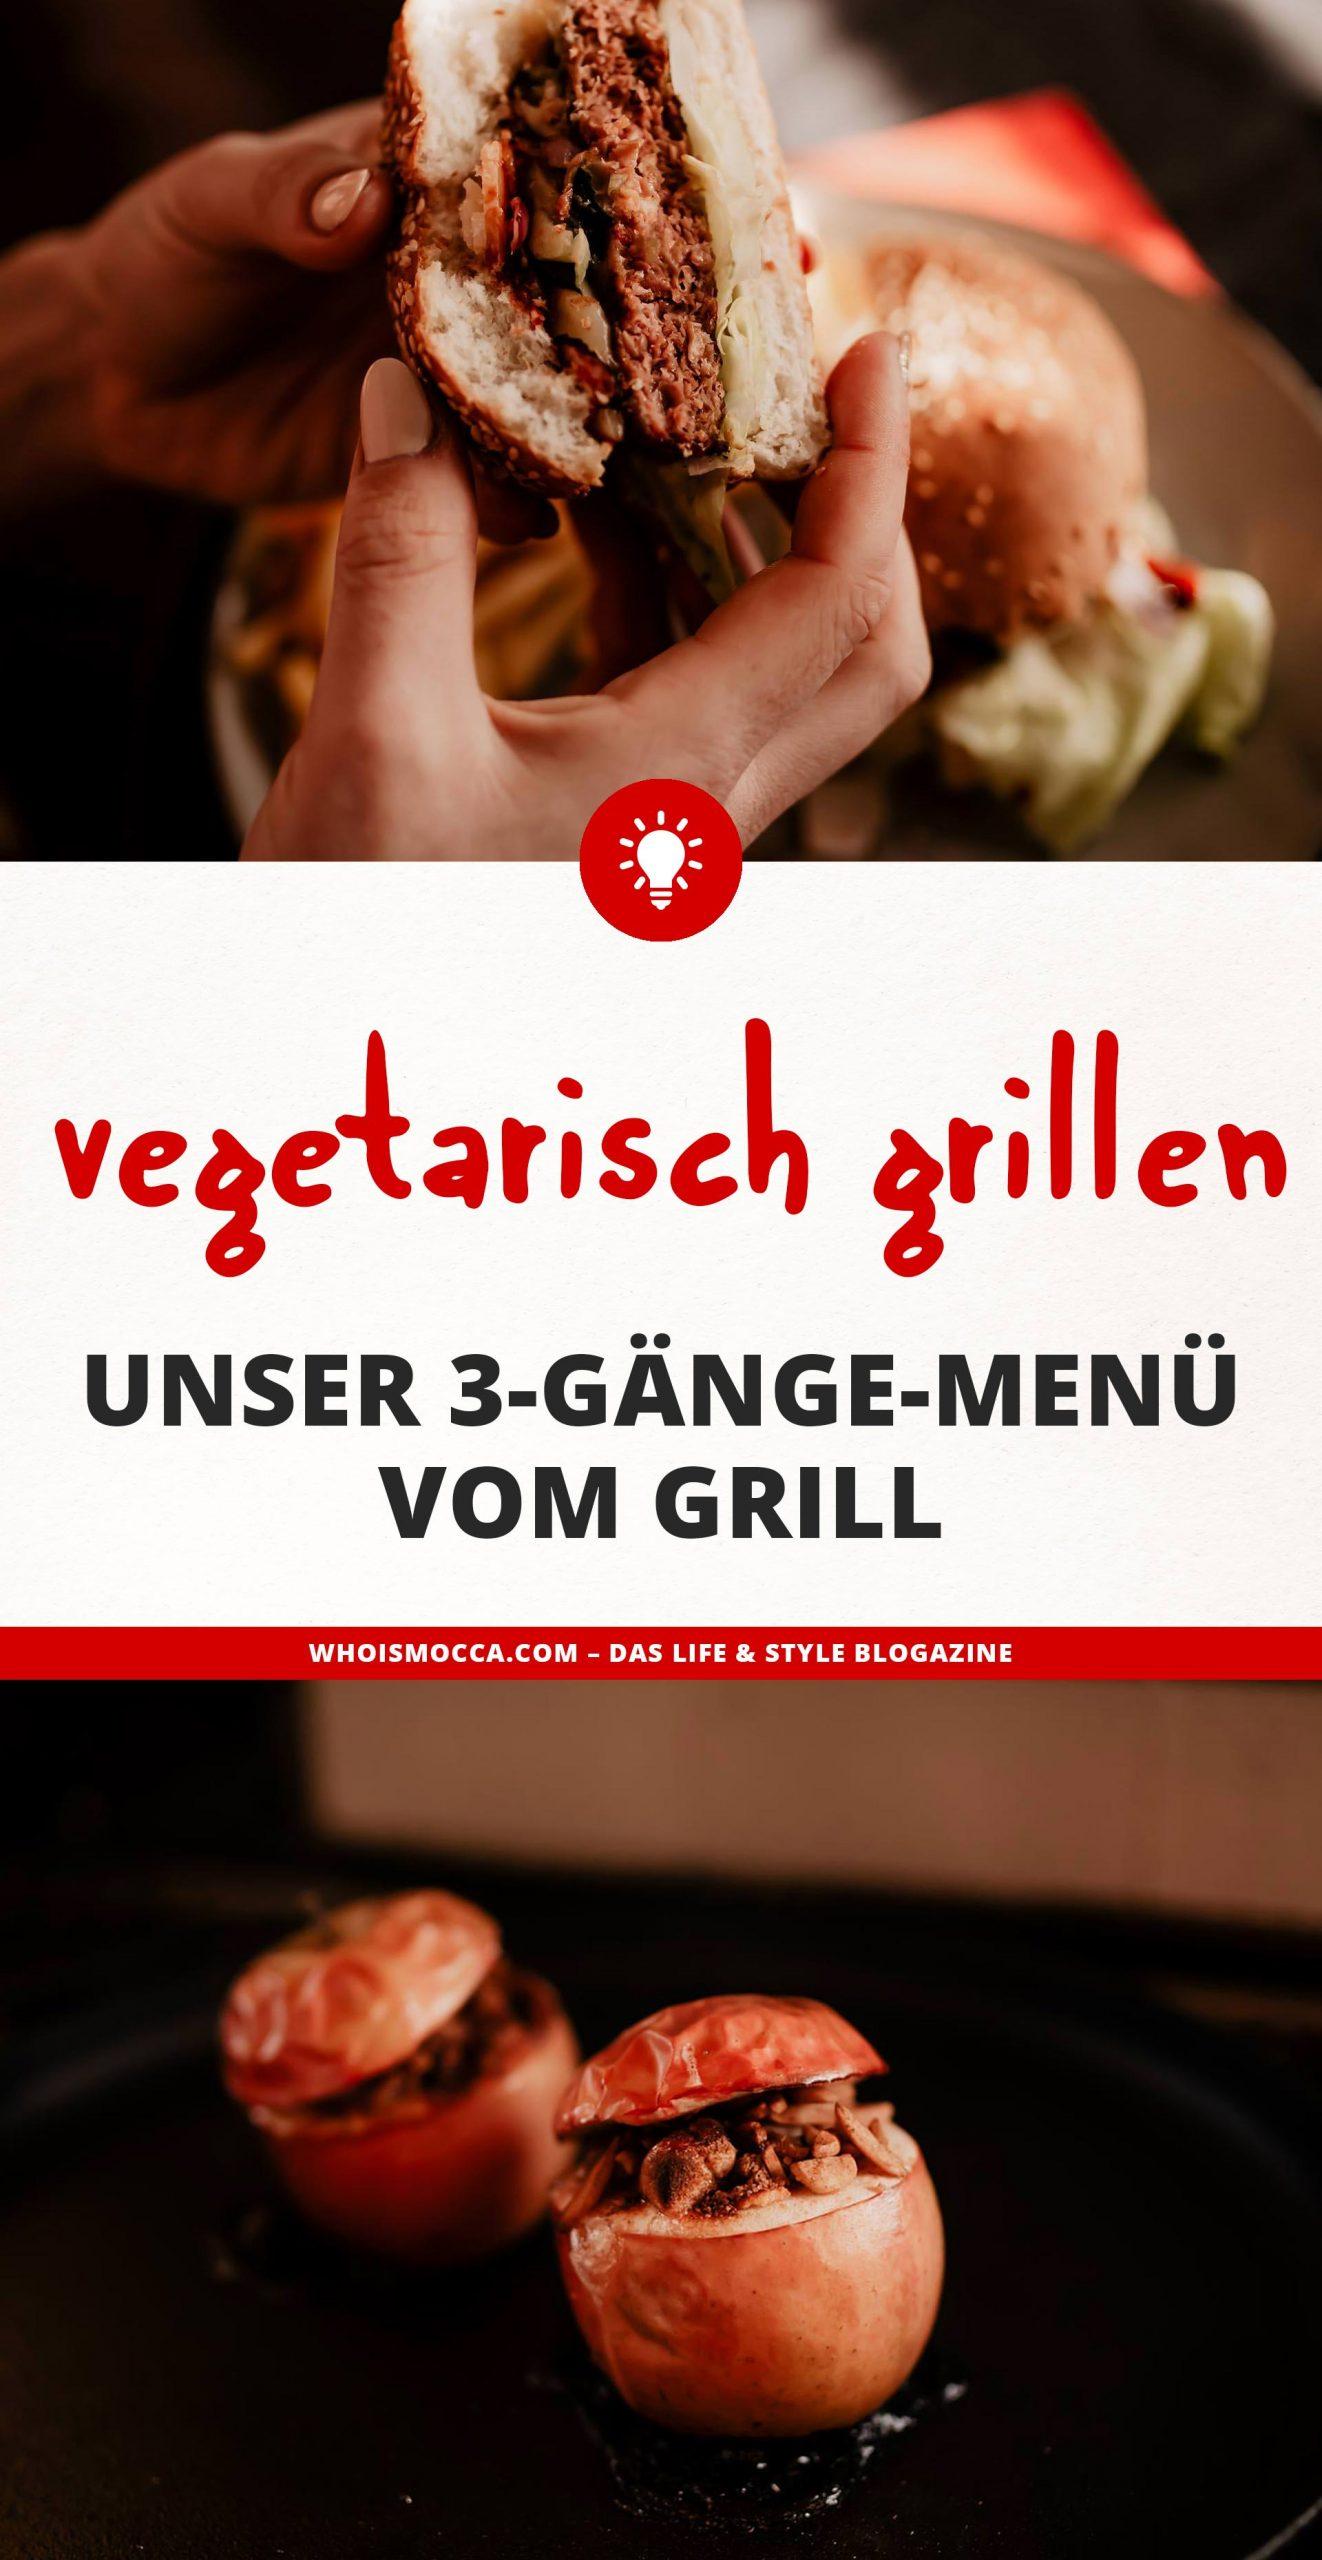 Anzeige. Vegetarisch grillen kann so lecker sein! Heute gibt es am Food Blogunser 3-Gänge Weihnachtsmenü vom Grill – super lecker, super einfach und mit vielen Lieblingsrezepten. www.whoismocca.com #weihnachtsmenü #vegetarisch #grillen